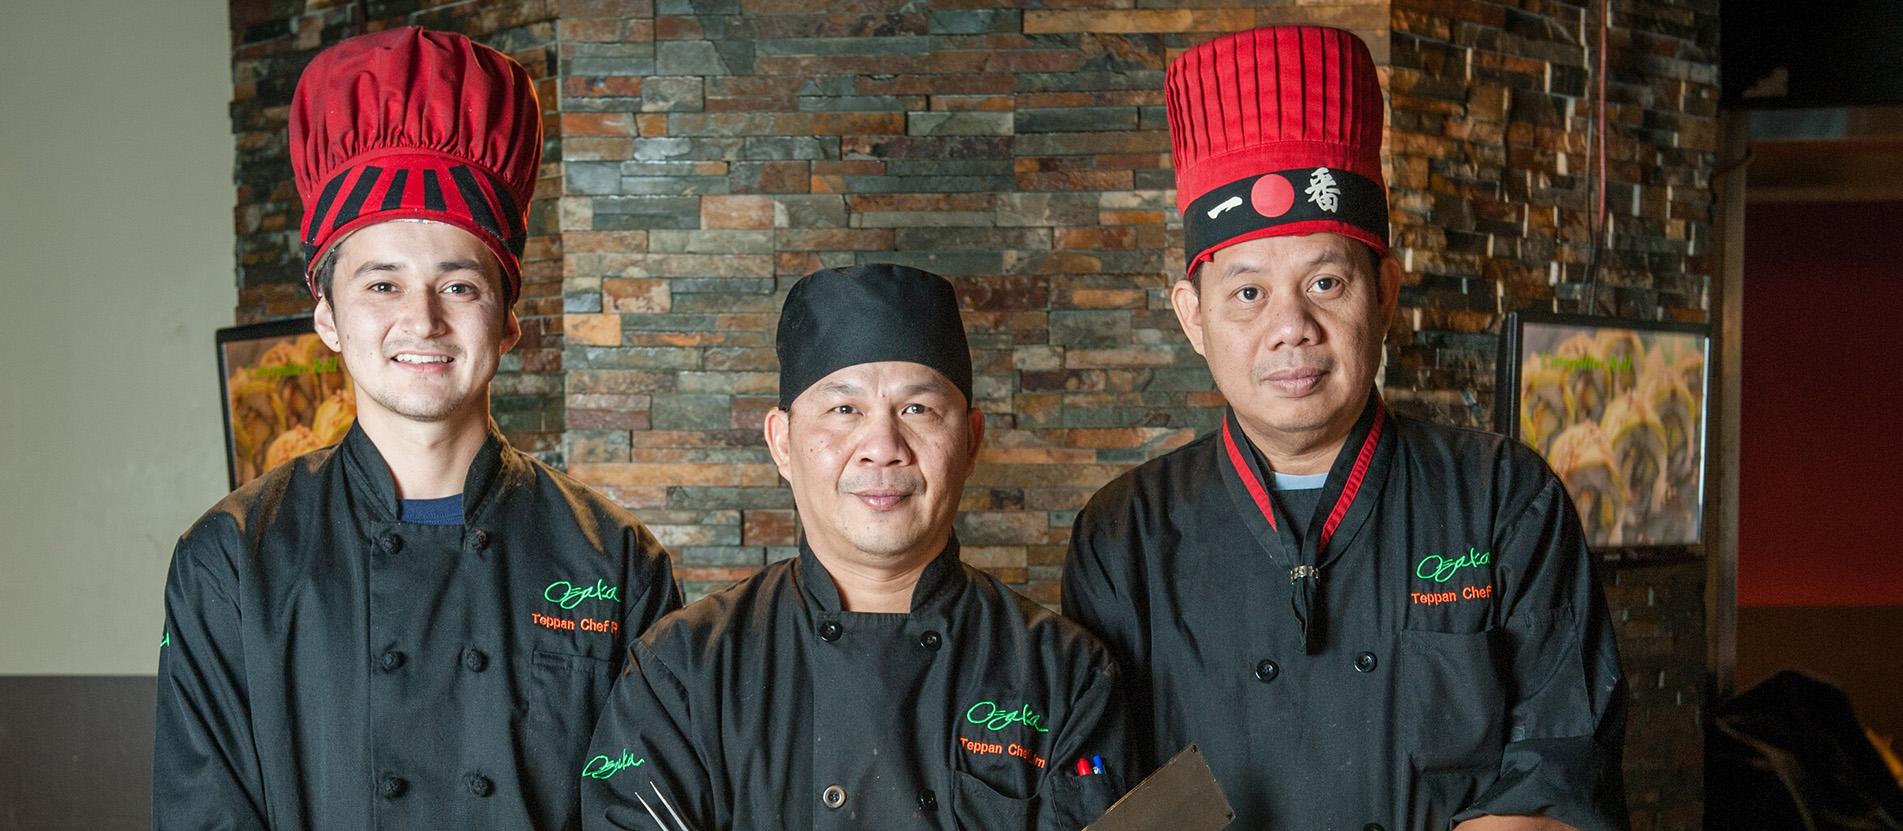 Osaka chefs